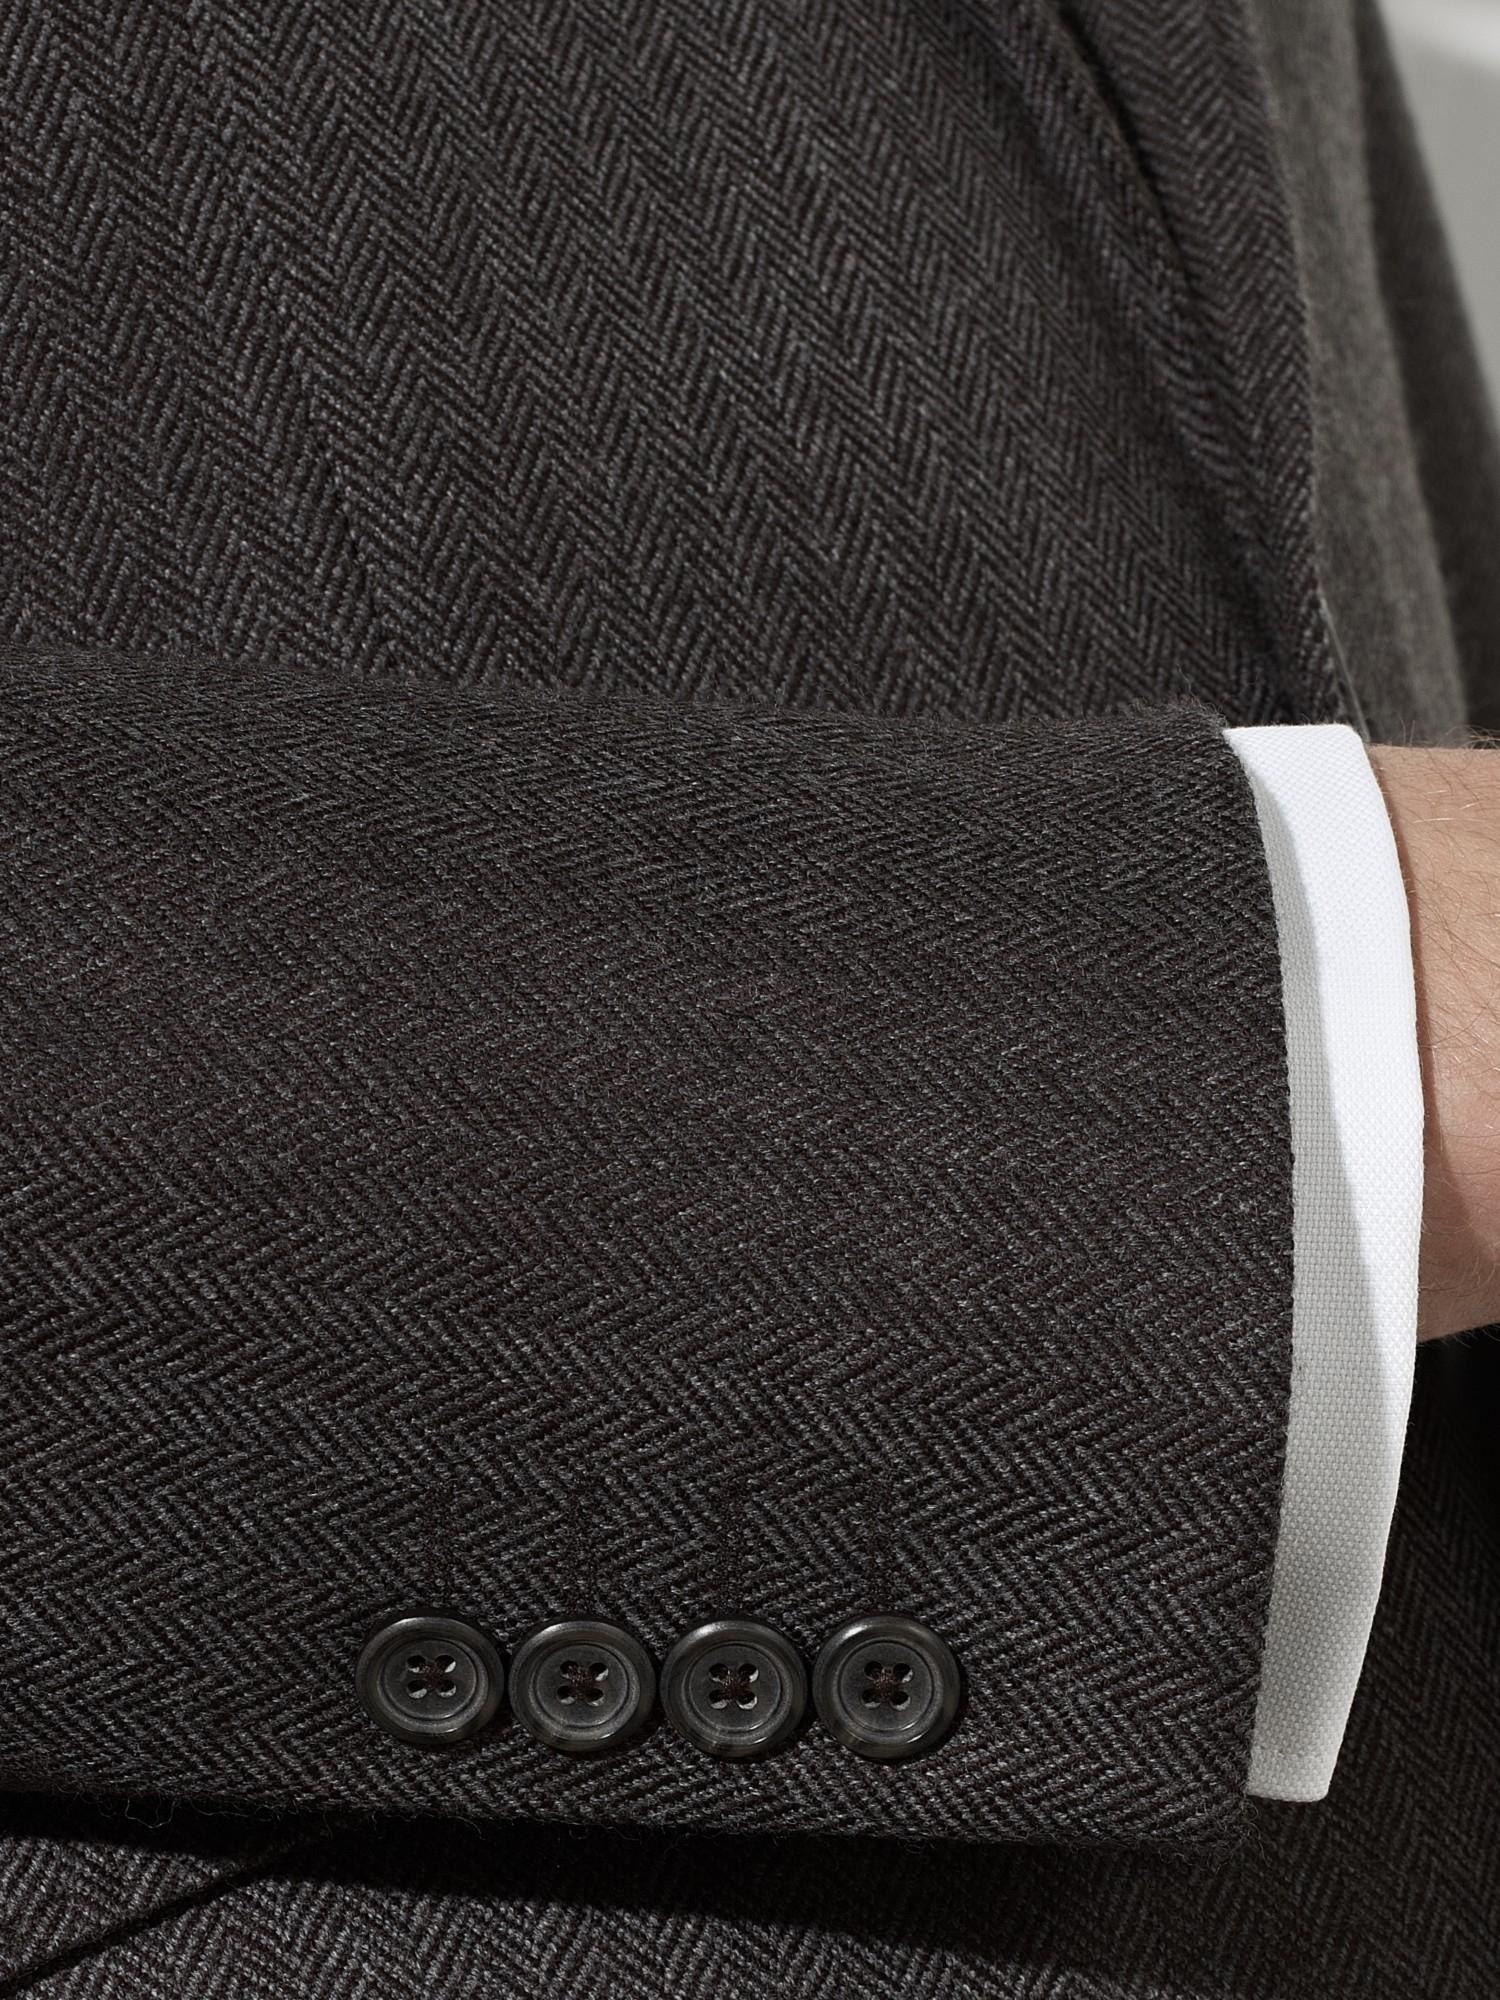 John Lewis Wool & Silk Herringbone Jacket in Brown for Men